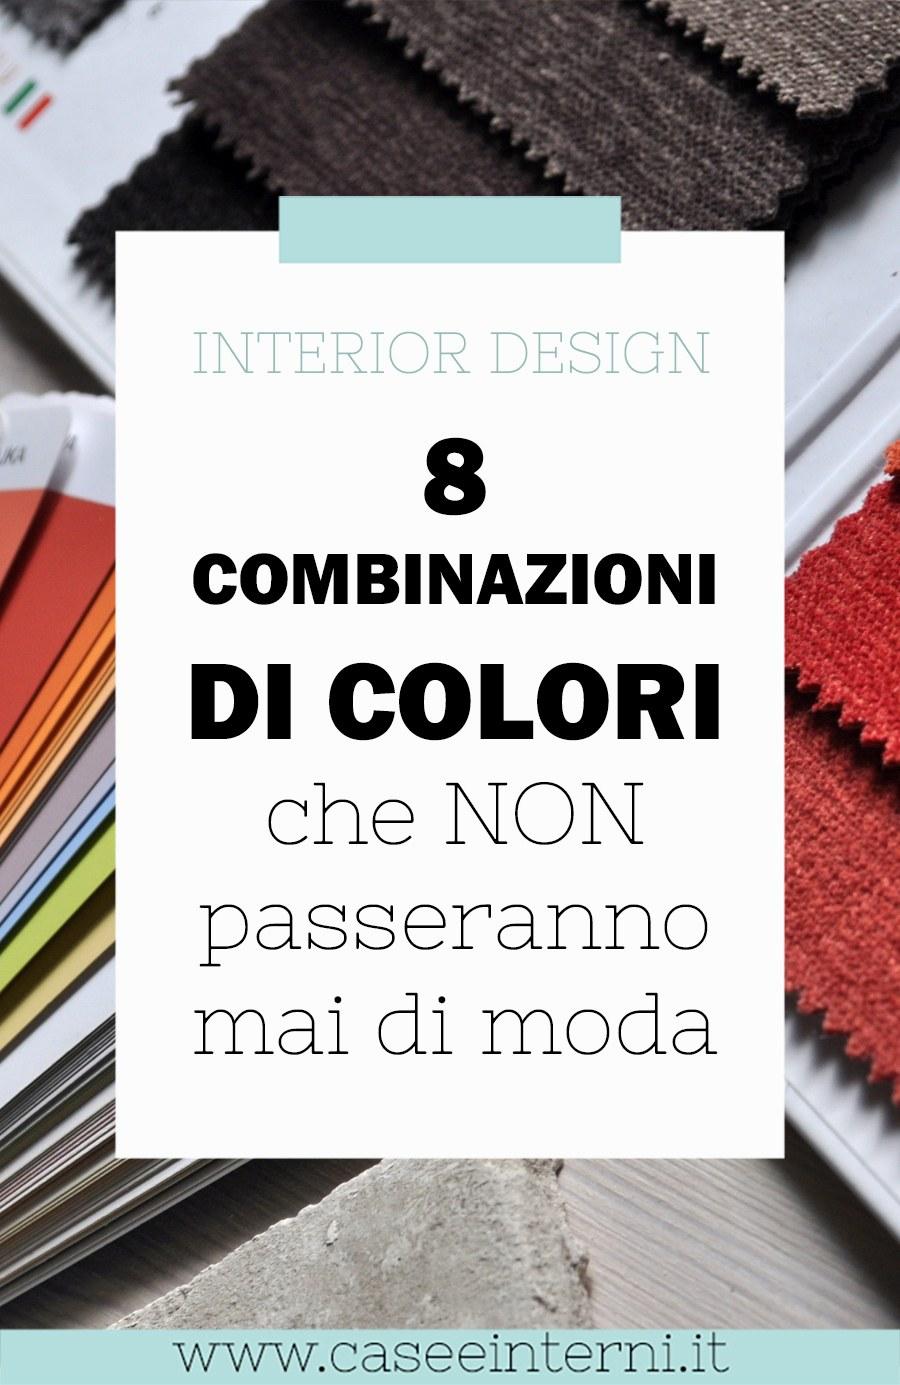 Interior design: 8 combinazioni di colori che non passeranno di moda